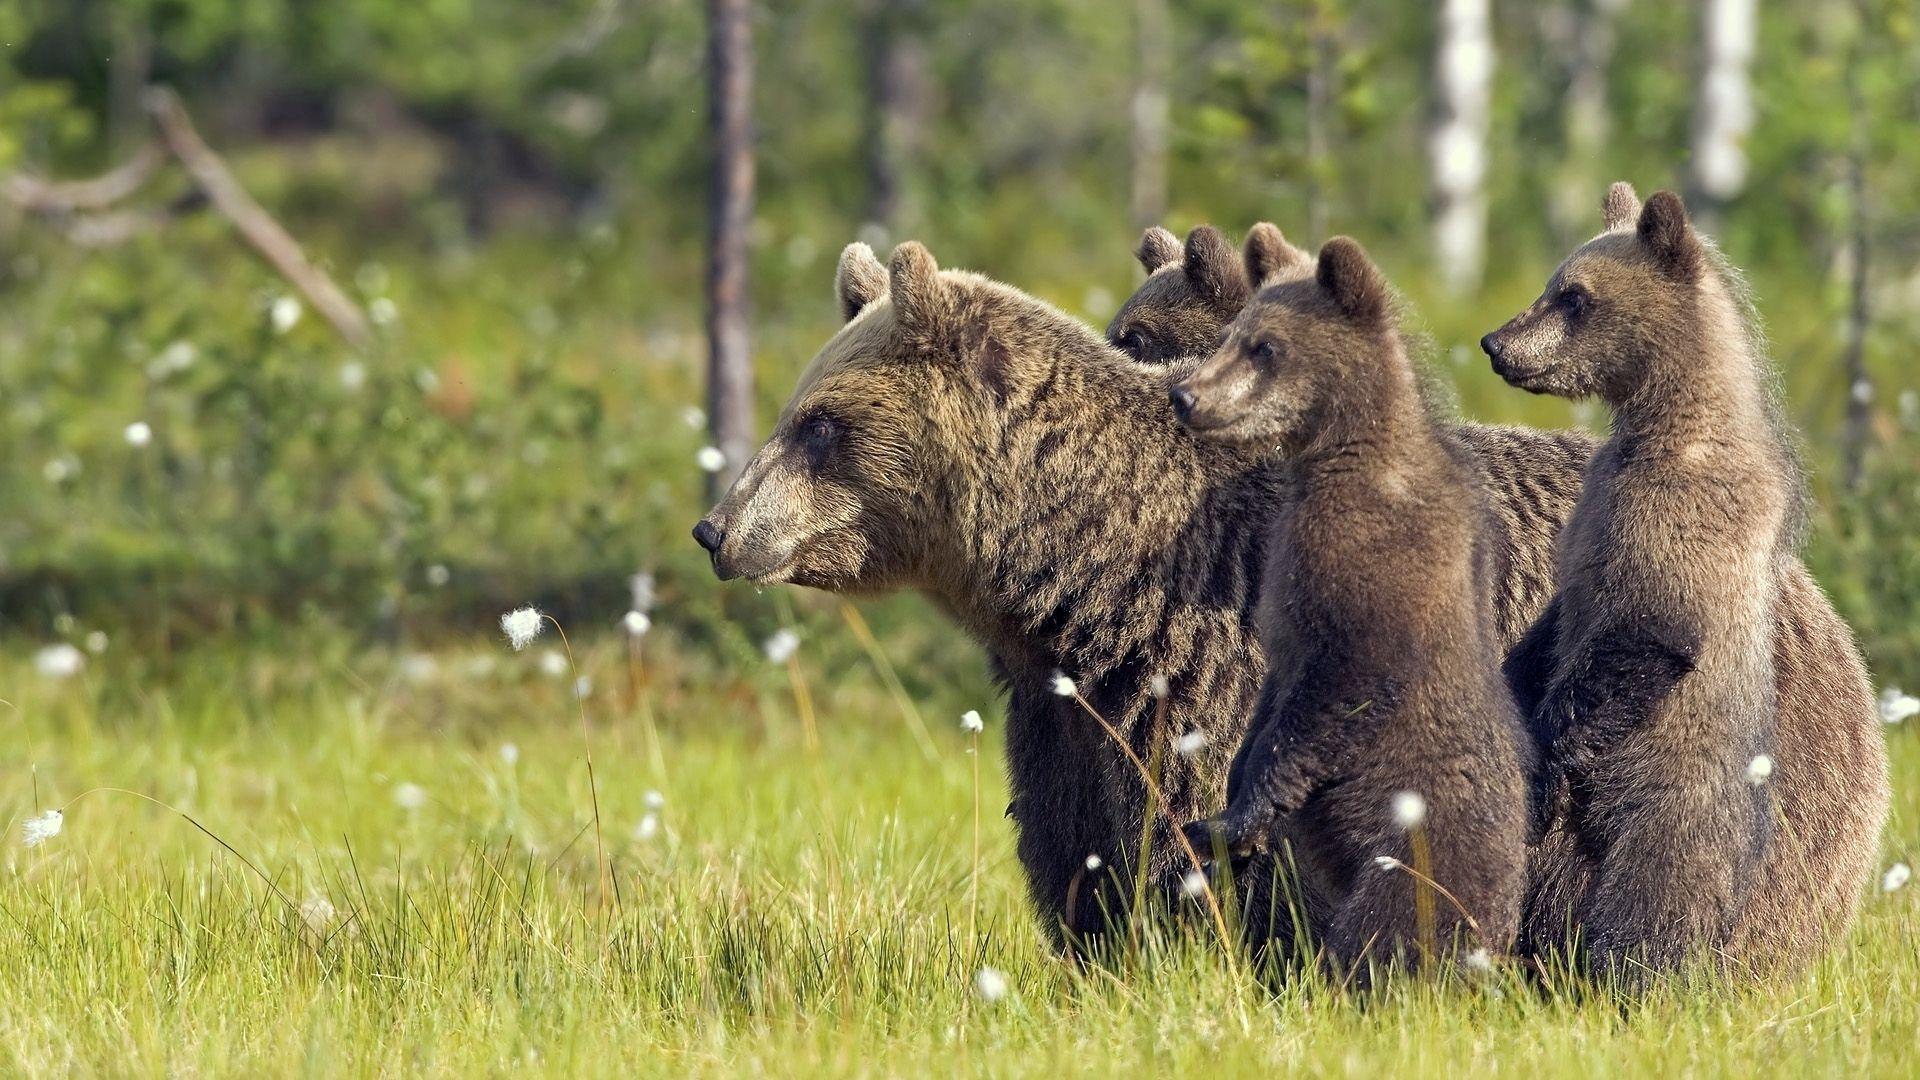 79218 Заставки и Обои Медведи на телефон. Скачать Медведи, Животные, Прогулка, Семья, Детеныши картинки бесплатно